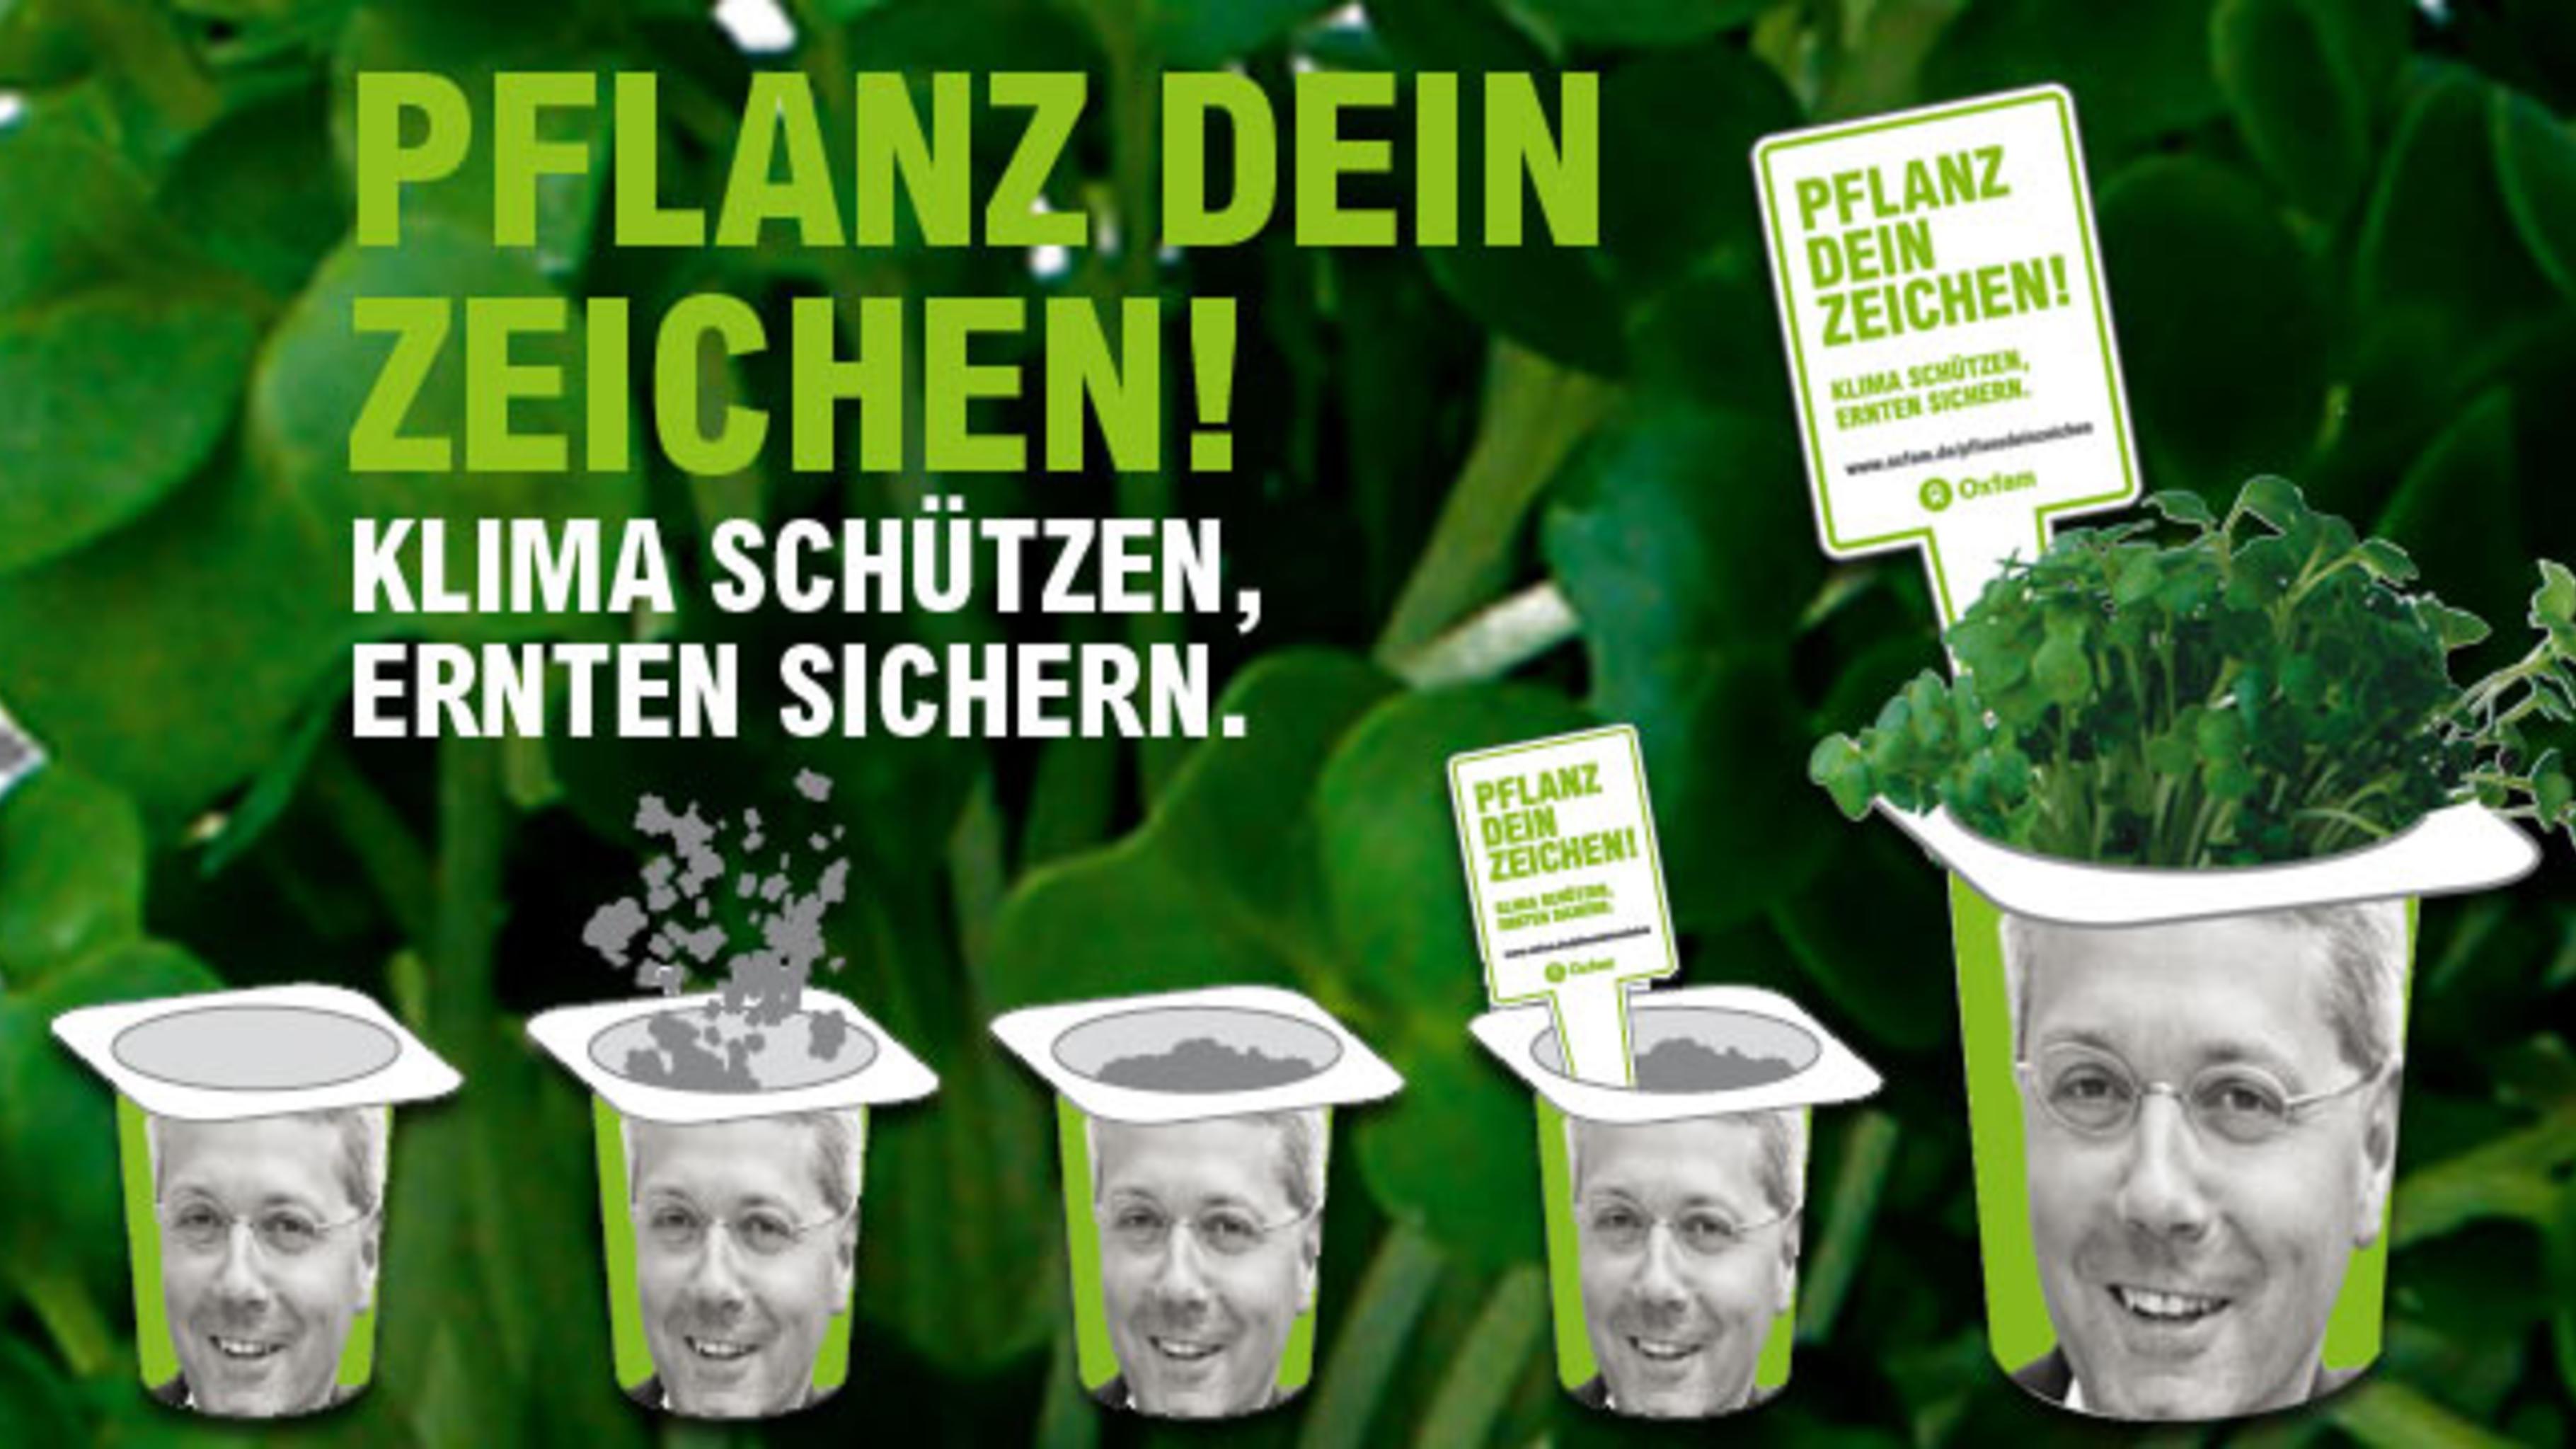 Pflanz Dein Zeichen! - Klima schützen, Ernten sichern.